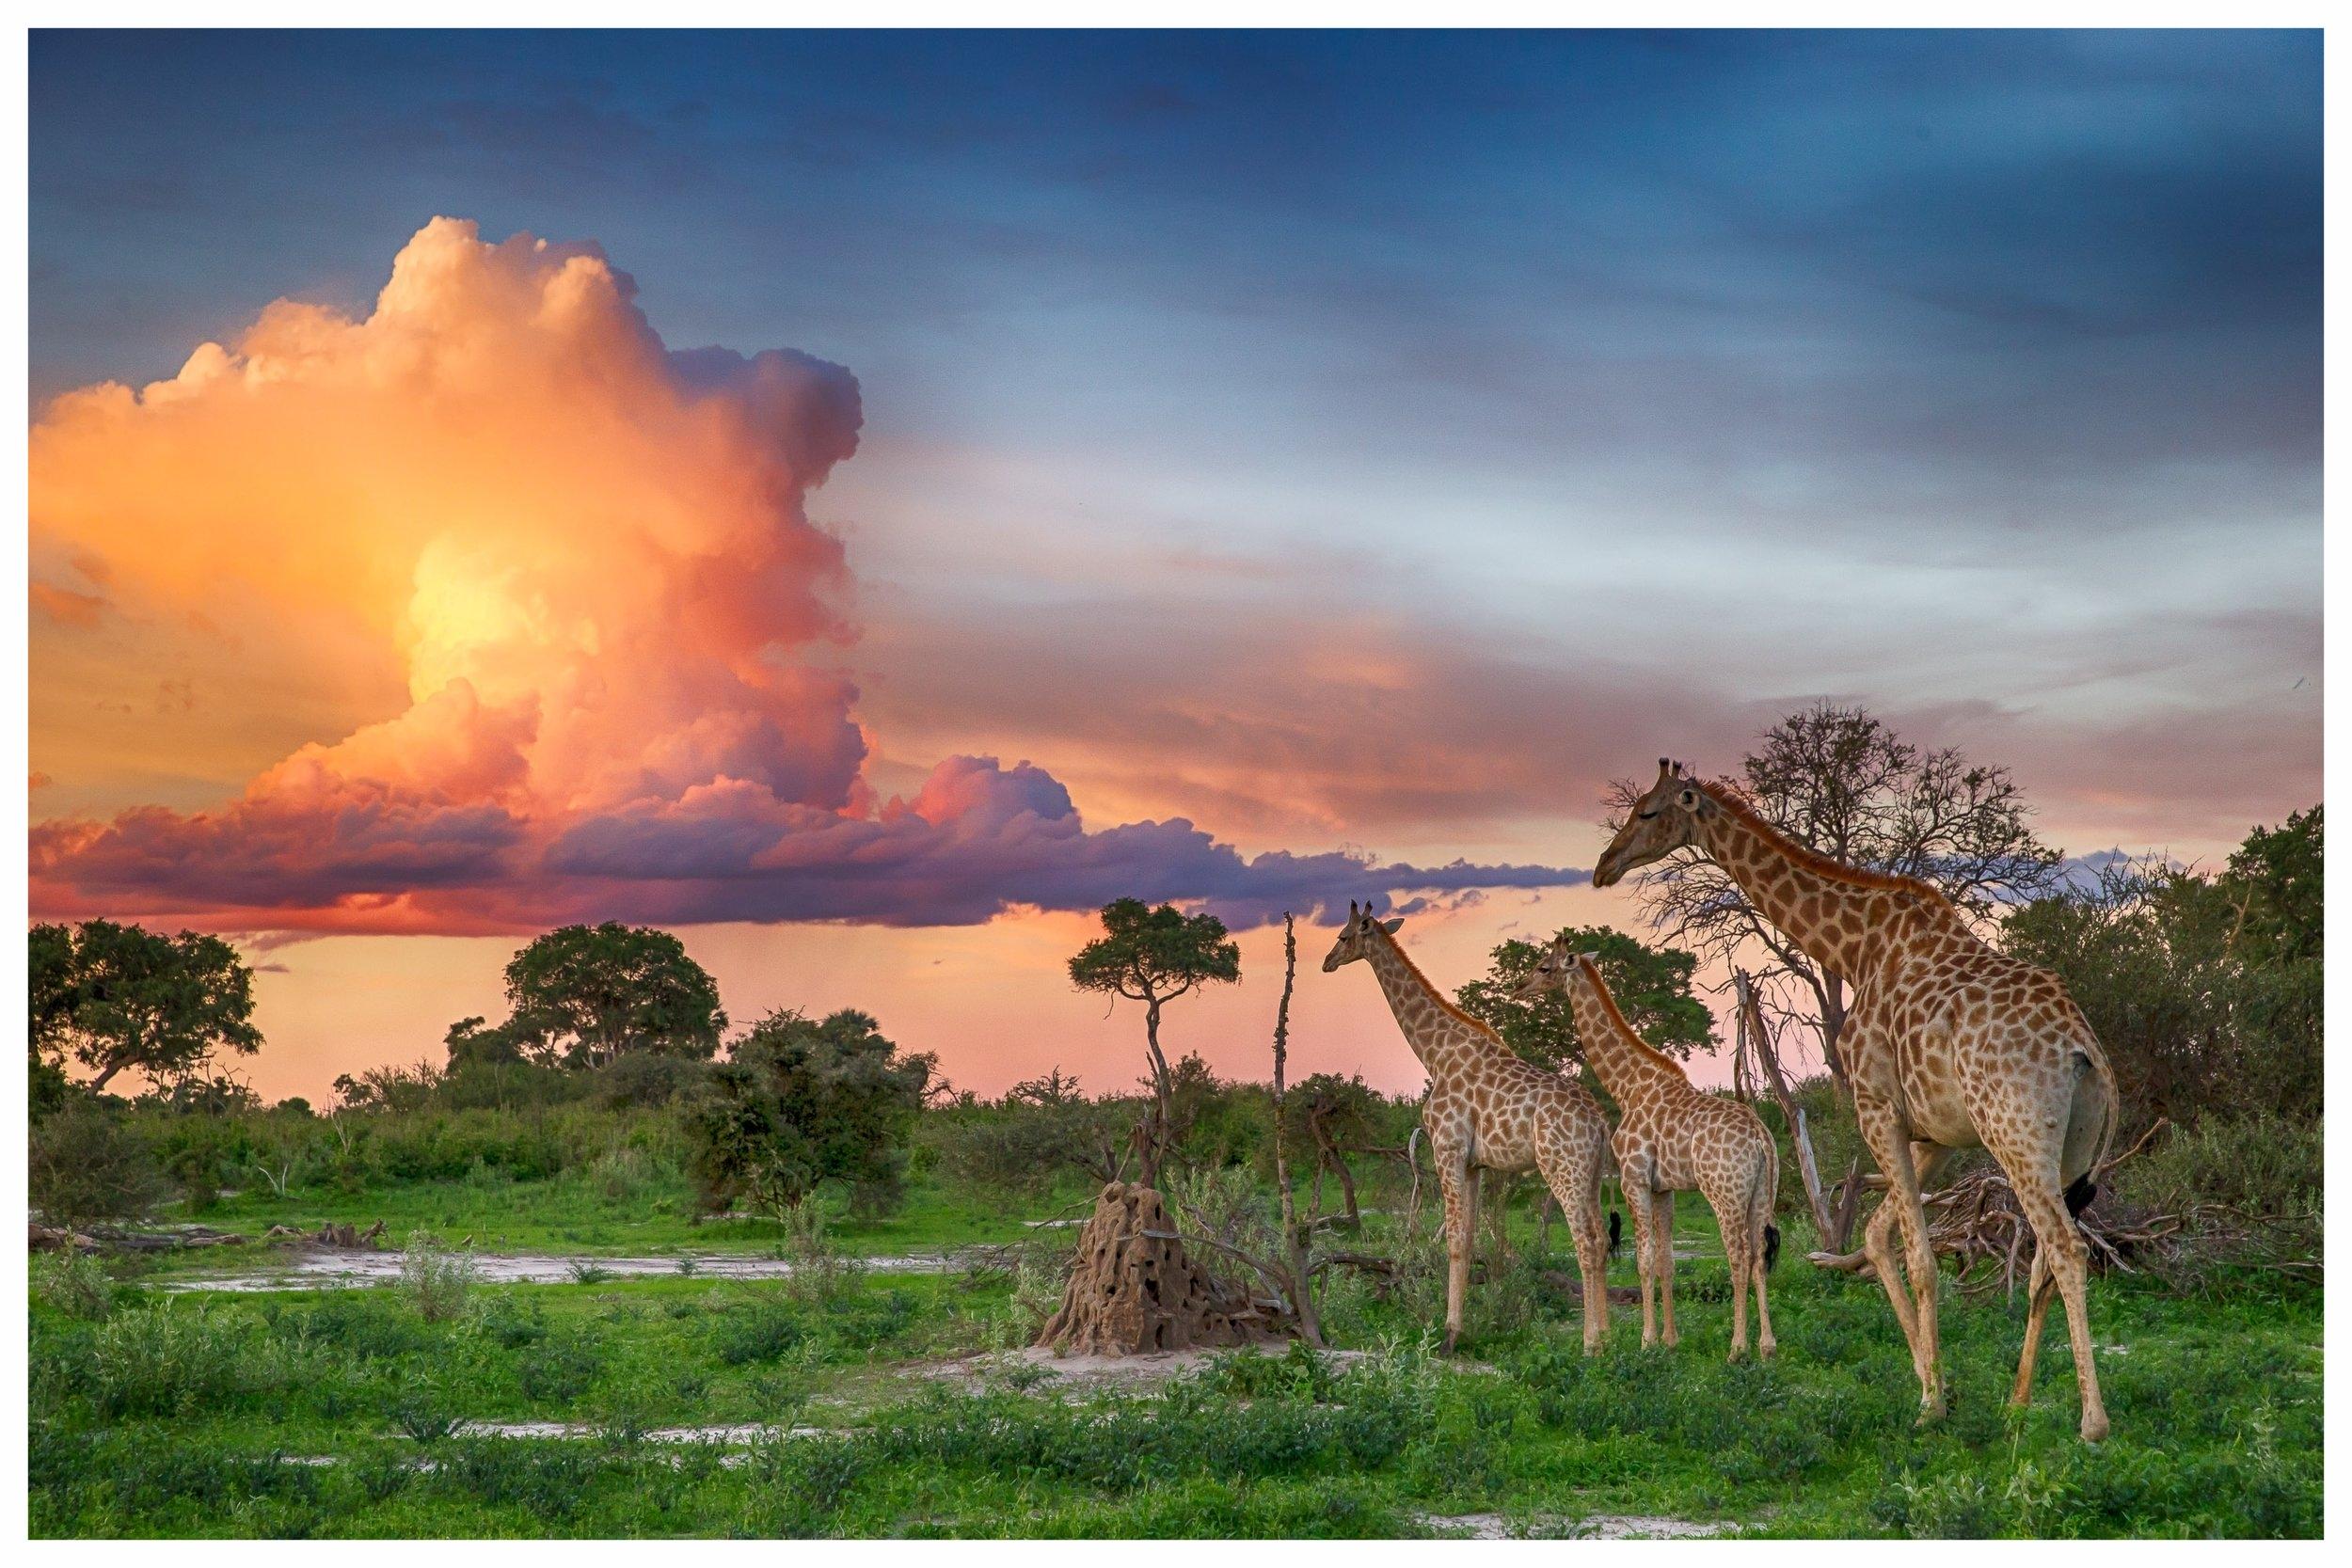 Botswana Artenvielfalt für Tier- und Naturliebhaber - In erster Linie berühmt für das Okavango Delta, können Sie in Botswana noch das Gefühl echter Wildnis erfahren. Die Camps sind mit nur wenigen Zelten meist klein und relativ weit voneinander entfernt. Während der Pirschfahrten begegnen sich nur selten Fahrzeuge, dafür können Sie eine beeindruckende Vielzahl von Tierarten beobachten. In Botswana wird viel Wert auf Nachhaltigkeit im Tourismus gelegt, so dass die touristischen Aktivitäten auf Qualität statt Quantität ausgerichtet und daher besonders schön sind. Selbstfahrer sind in Botswana nur selten zu finden, das Land lässt sich auf Flugsafaris am besten erkunden. Mit seiner einzigartigen Tierwelt lässt sich Botswana darüber hinaus wunderbar mit den beeindruckenden Landschaften Namibias kombinieren.